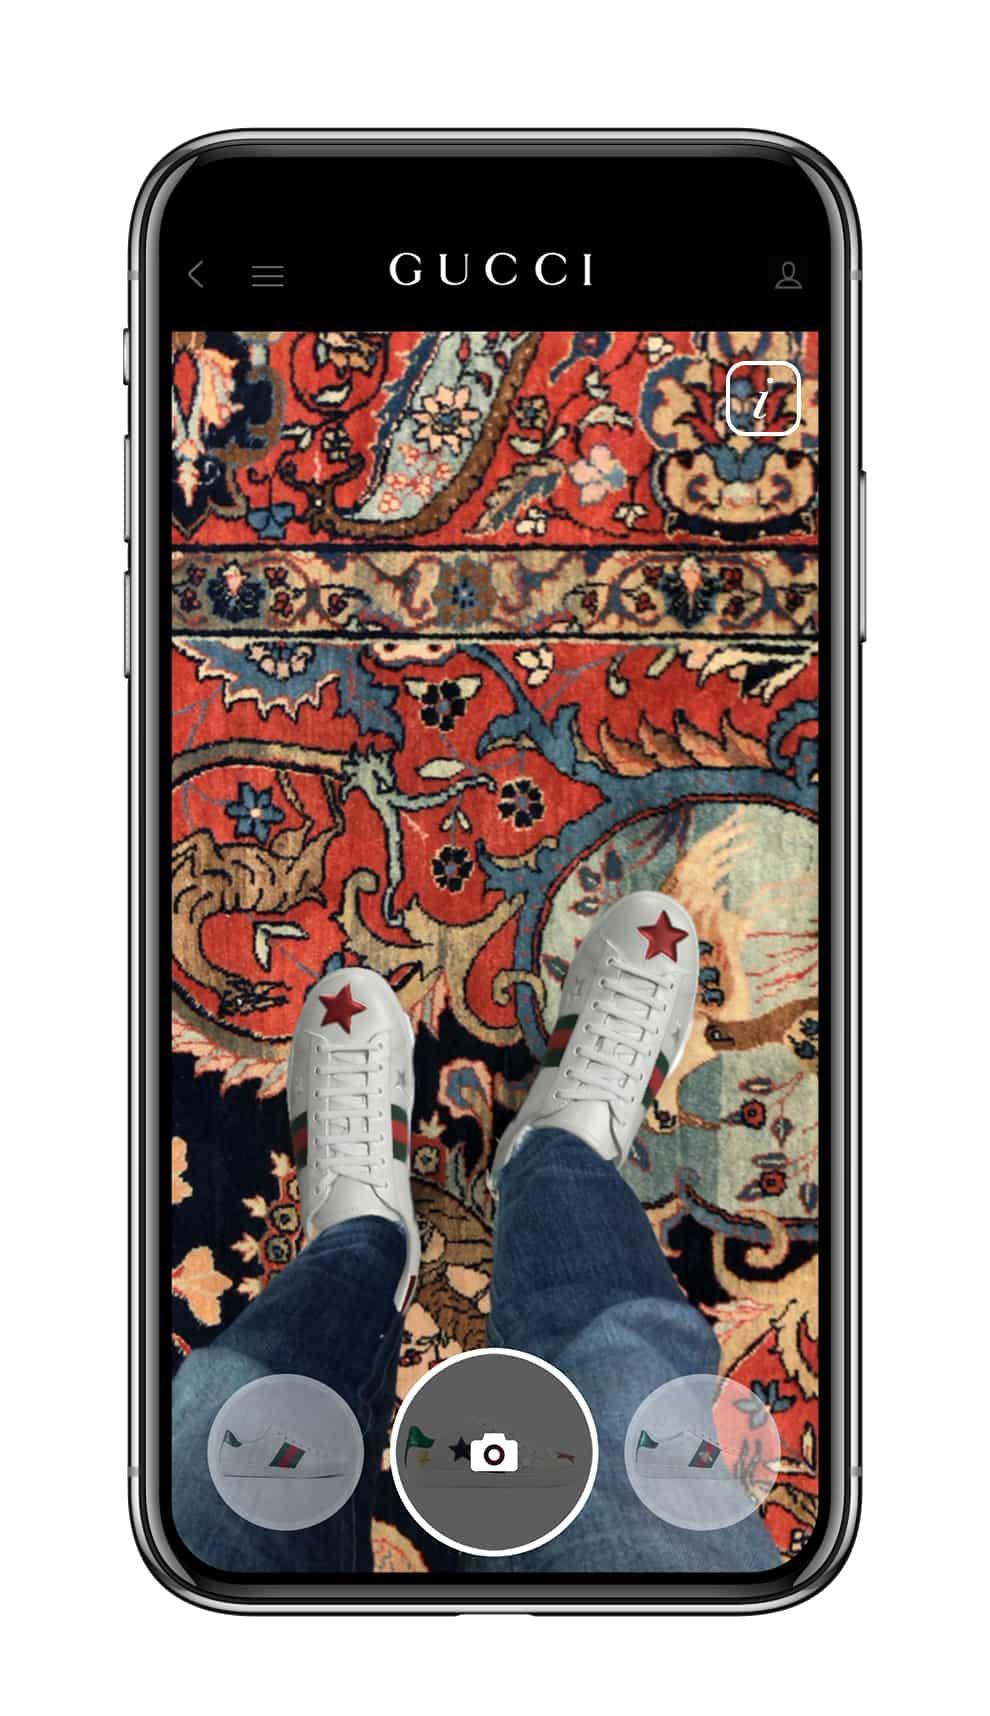 Mencobai Sneaker Ace Lewat Fitur 'Try On' di Gucci App